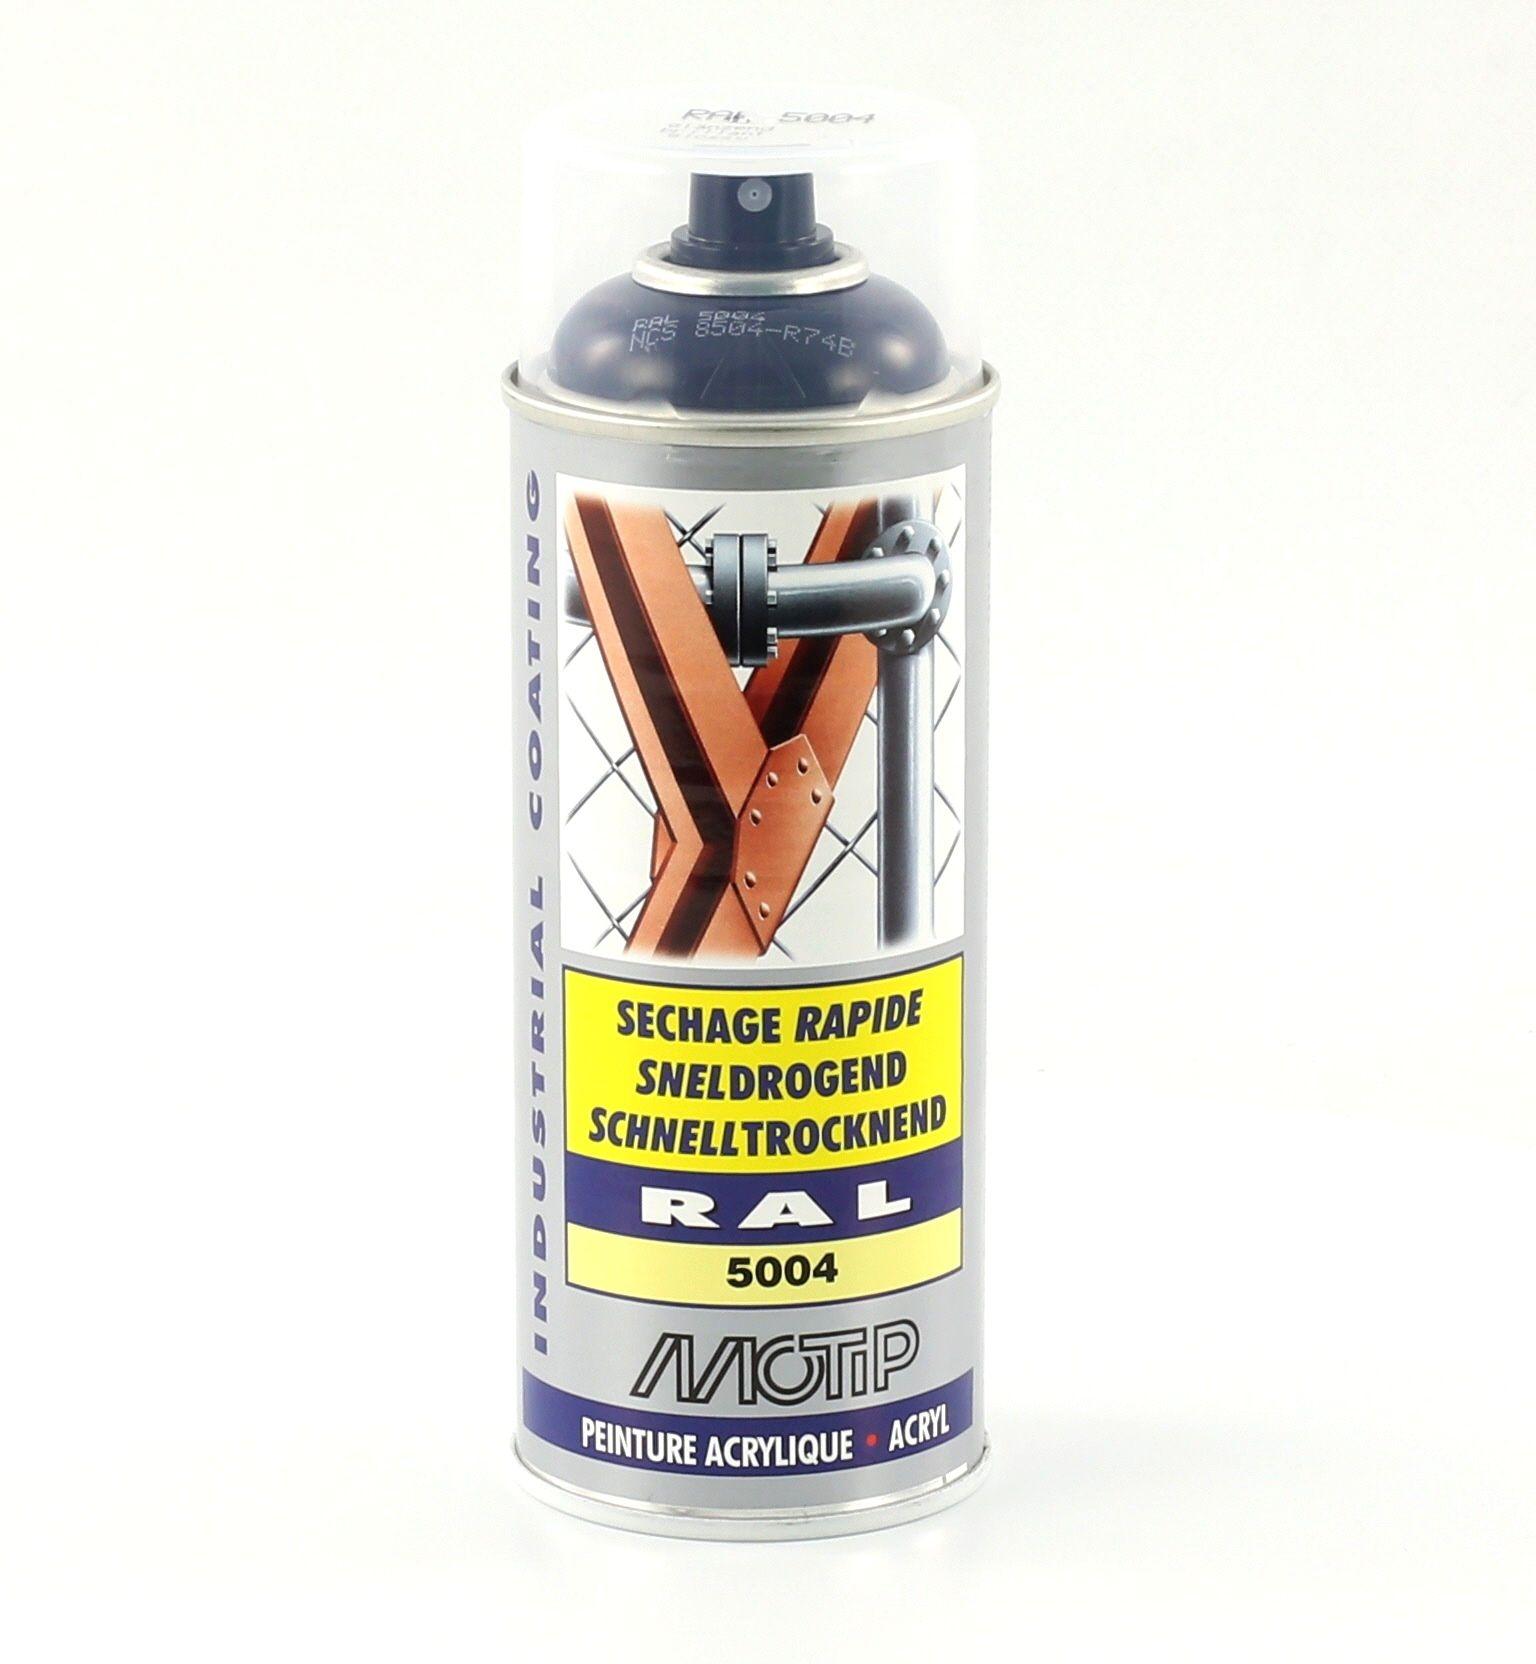 Bombe de peinture MoTip bleu noir brillant acrylique RAL 5004 400 ml M07133